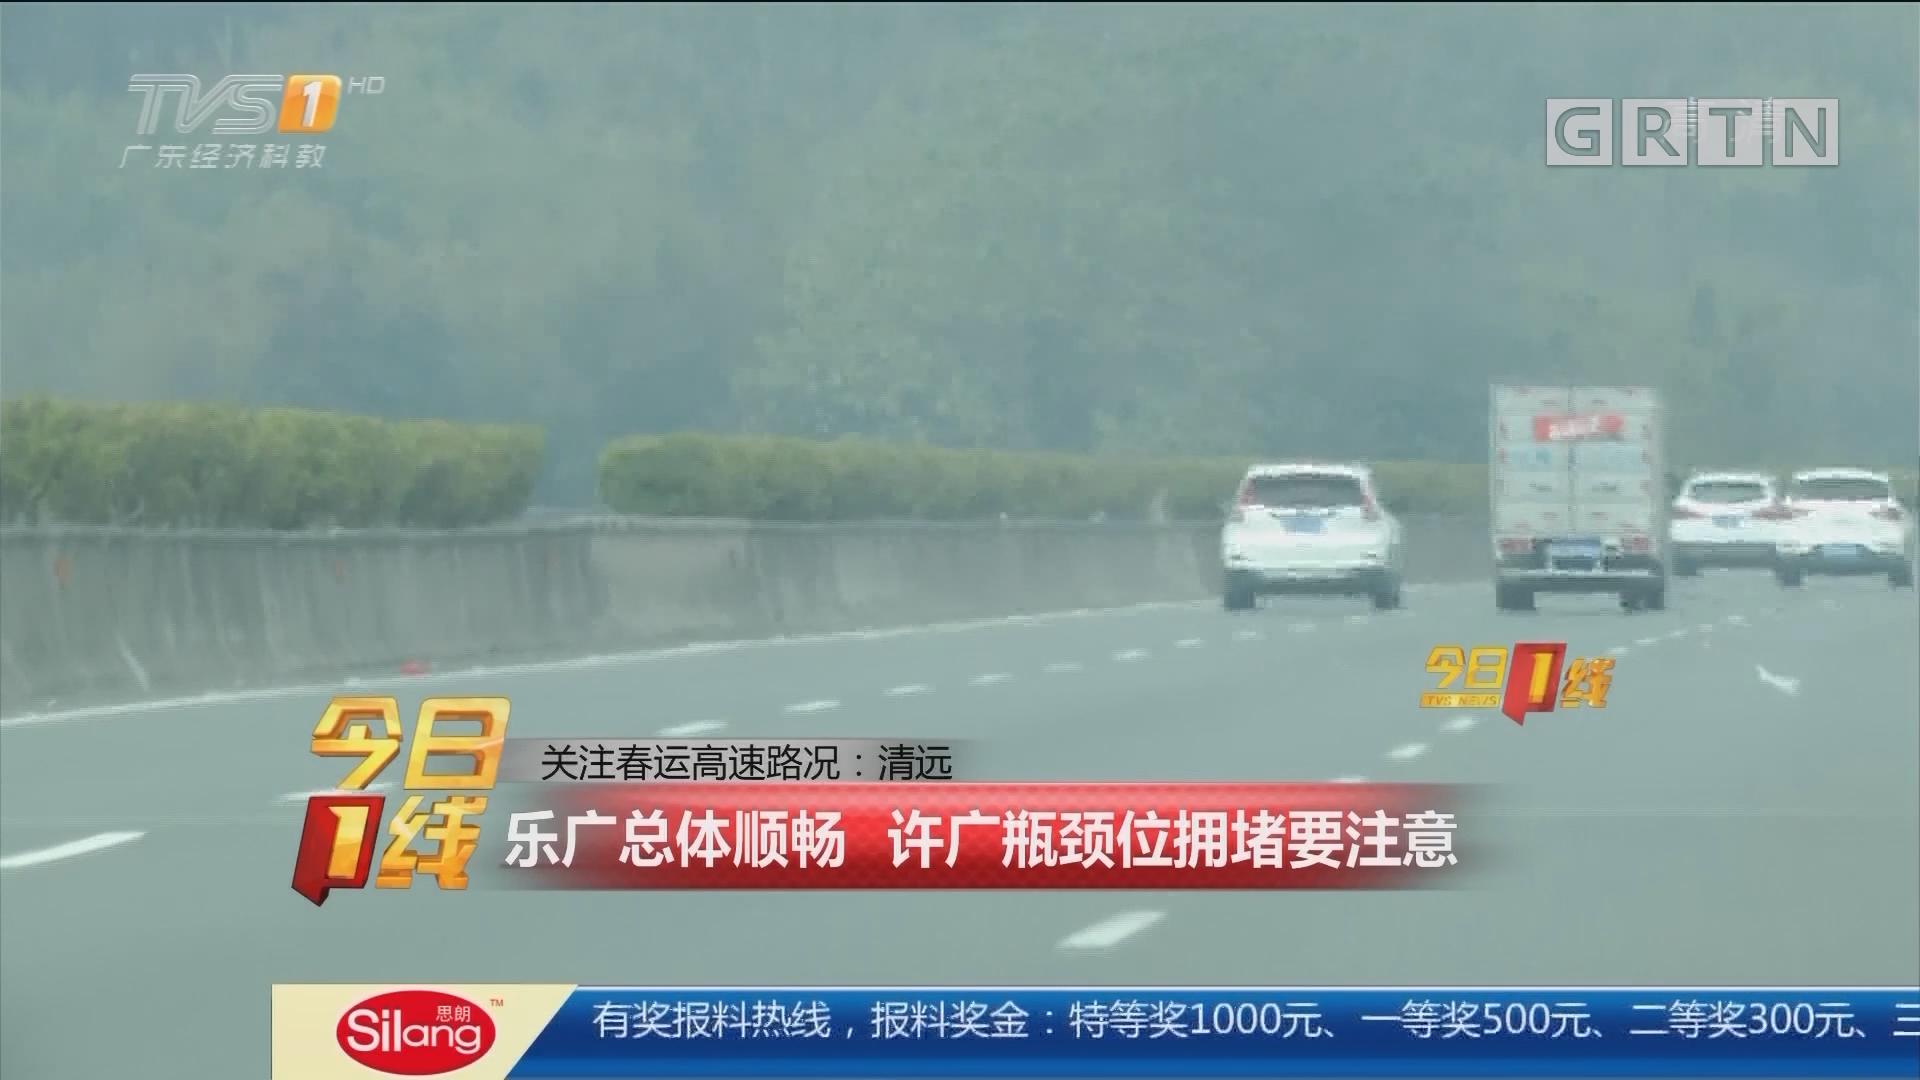 关注春运高速路况:清远 乐广总体顺畅 许广瓶颈位拥堵要注意